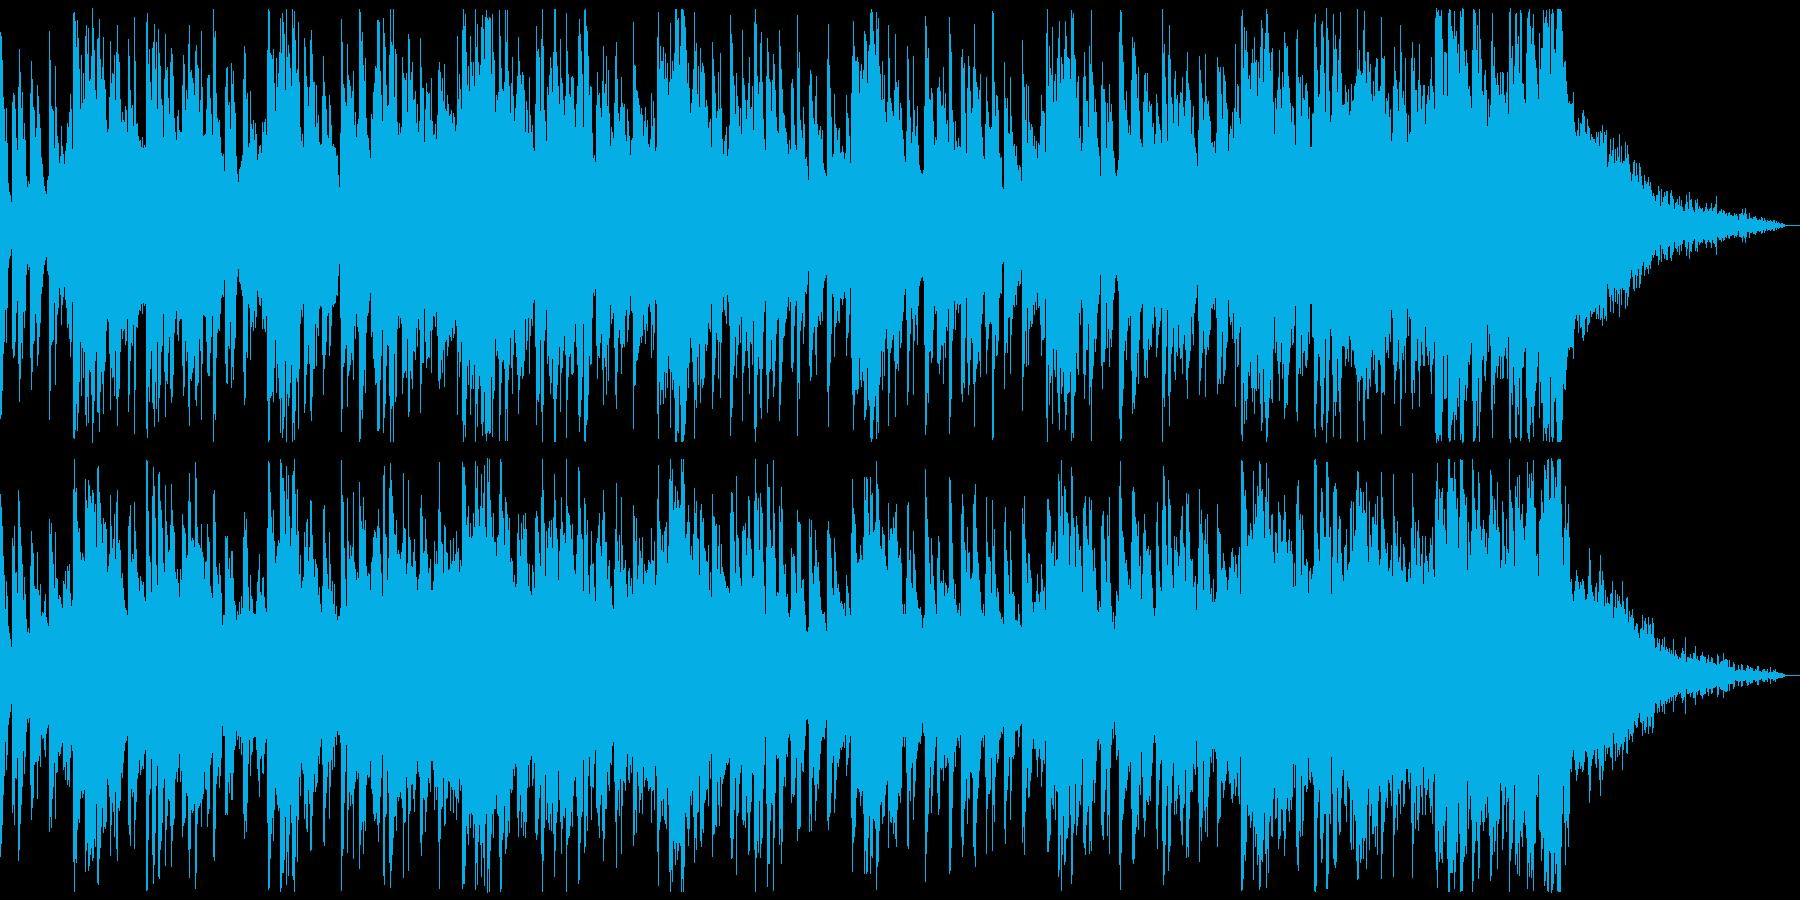 オシャ4つ打ち、スタイリッシュ雰囲気系5の再生済みの波形